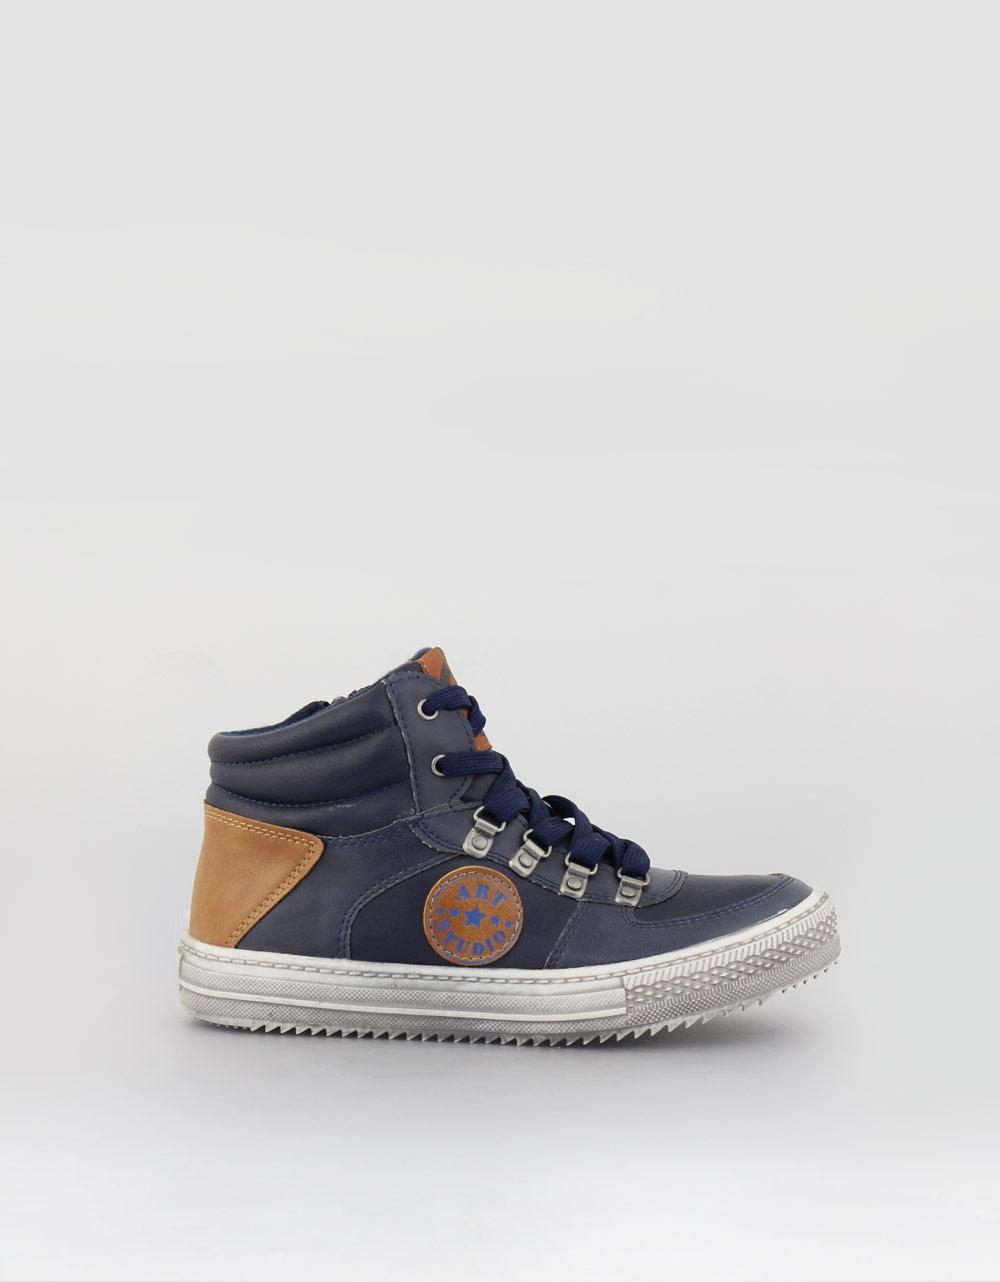 Εικόνα από Παιδικά sneakers με δίχρωμο σχέδιο και τύπωμα Μπλε